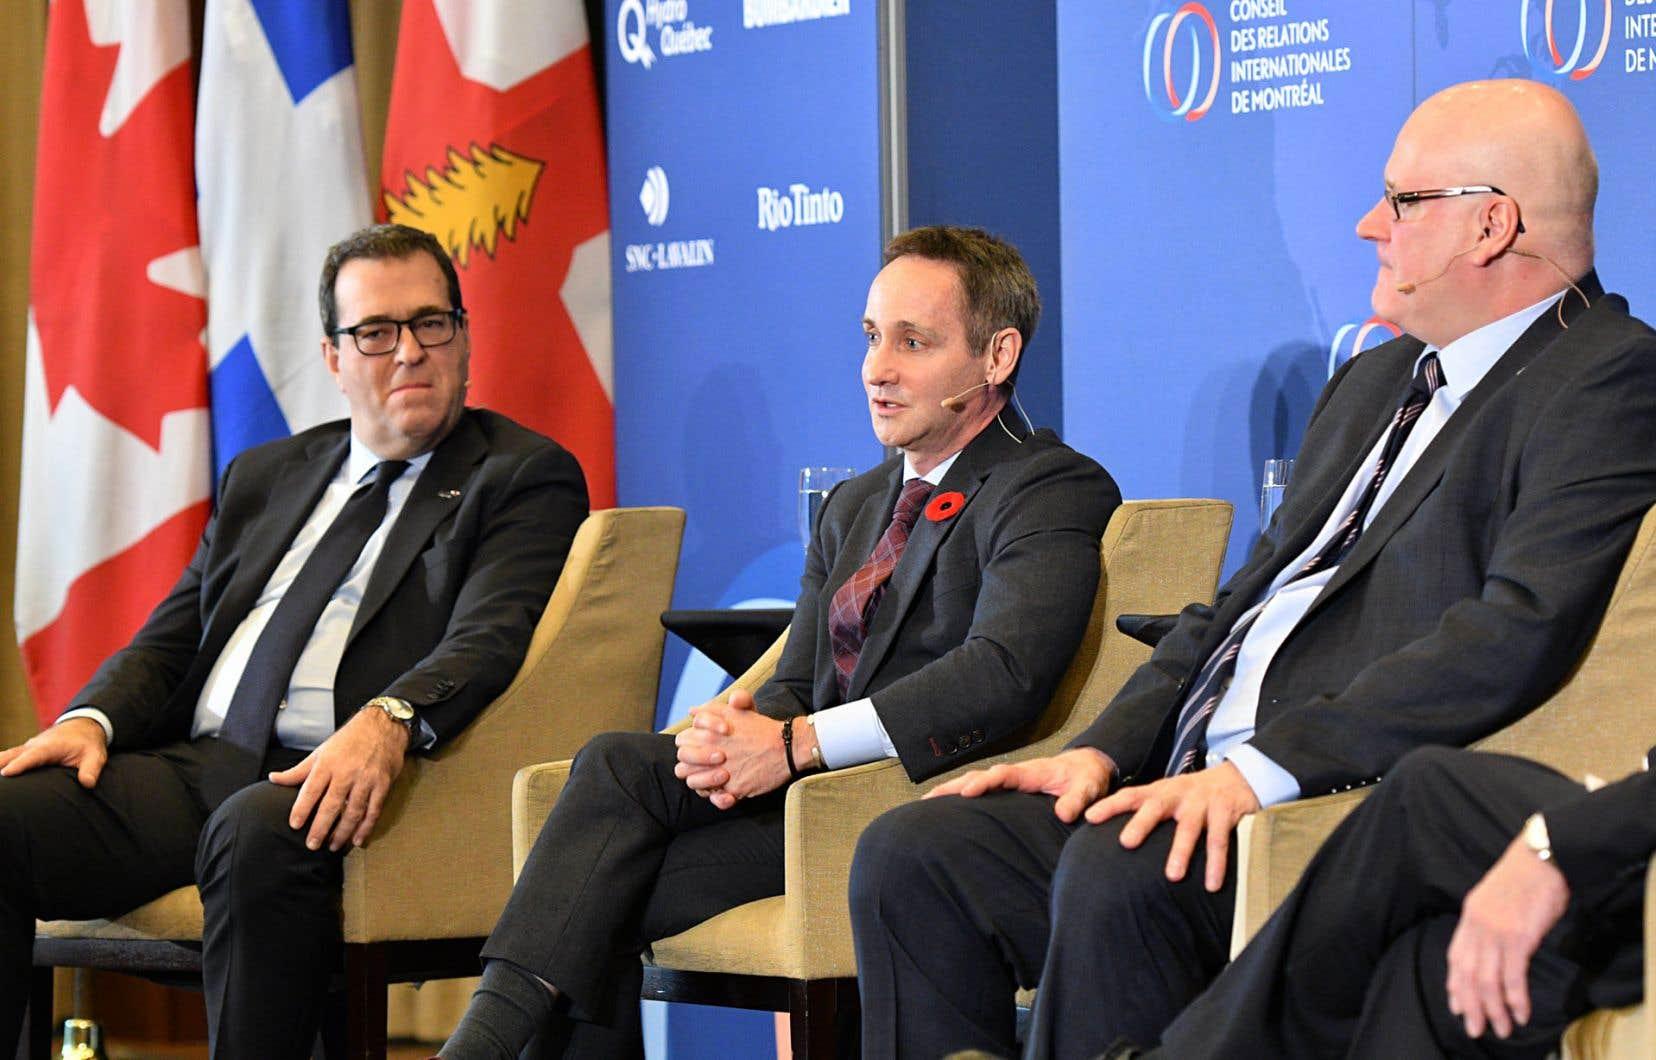 De gauche à droite: Pierre Cléroux, économiste en chef de la Banque de développement du Canada, Stéfane Marion, stratège en chef de la Banque Nationale, et François Dupuis, économiste en chef du Mouvement Desjardins